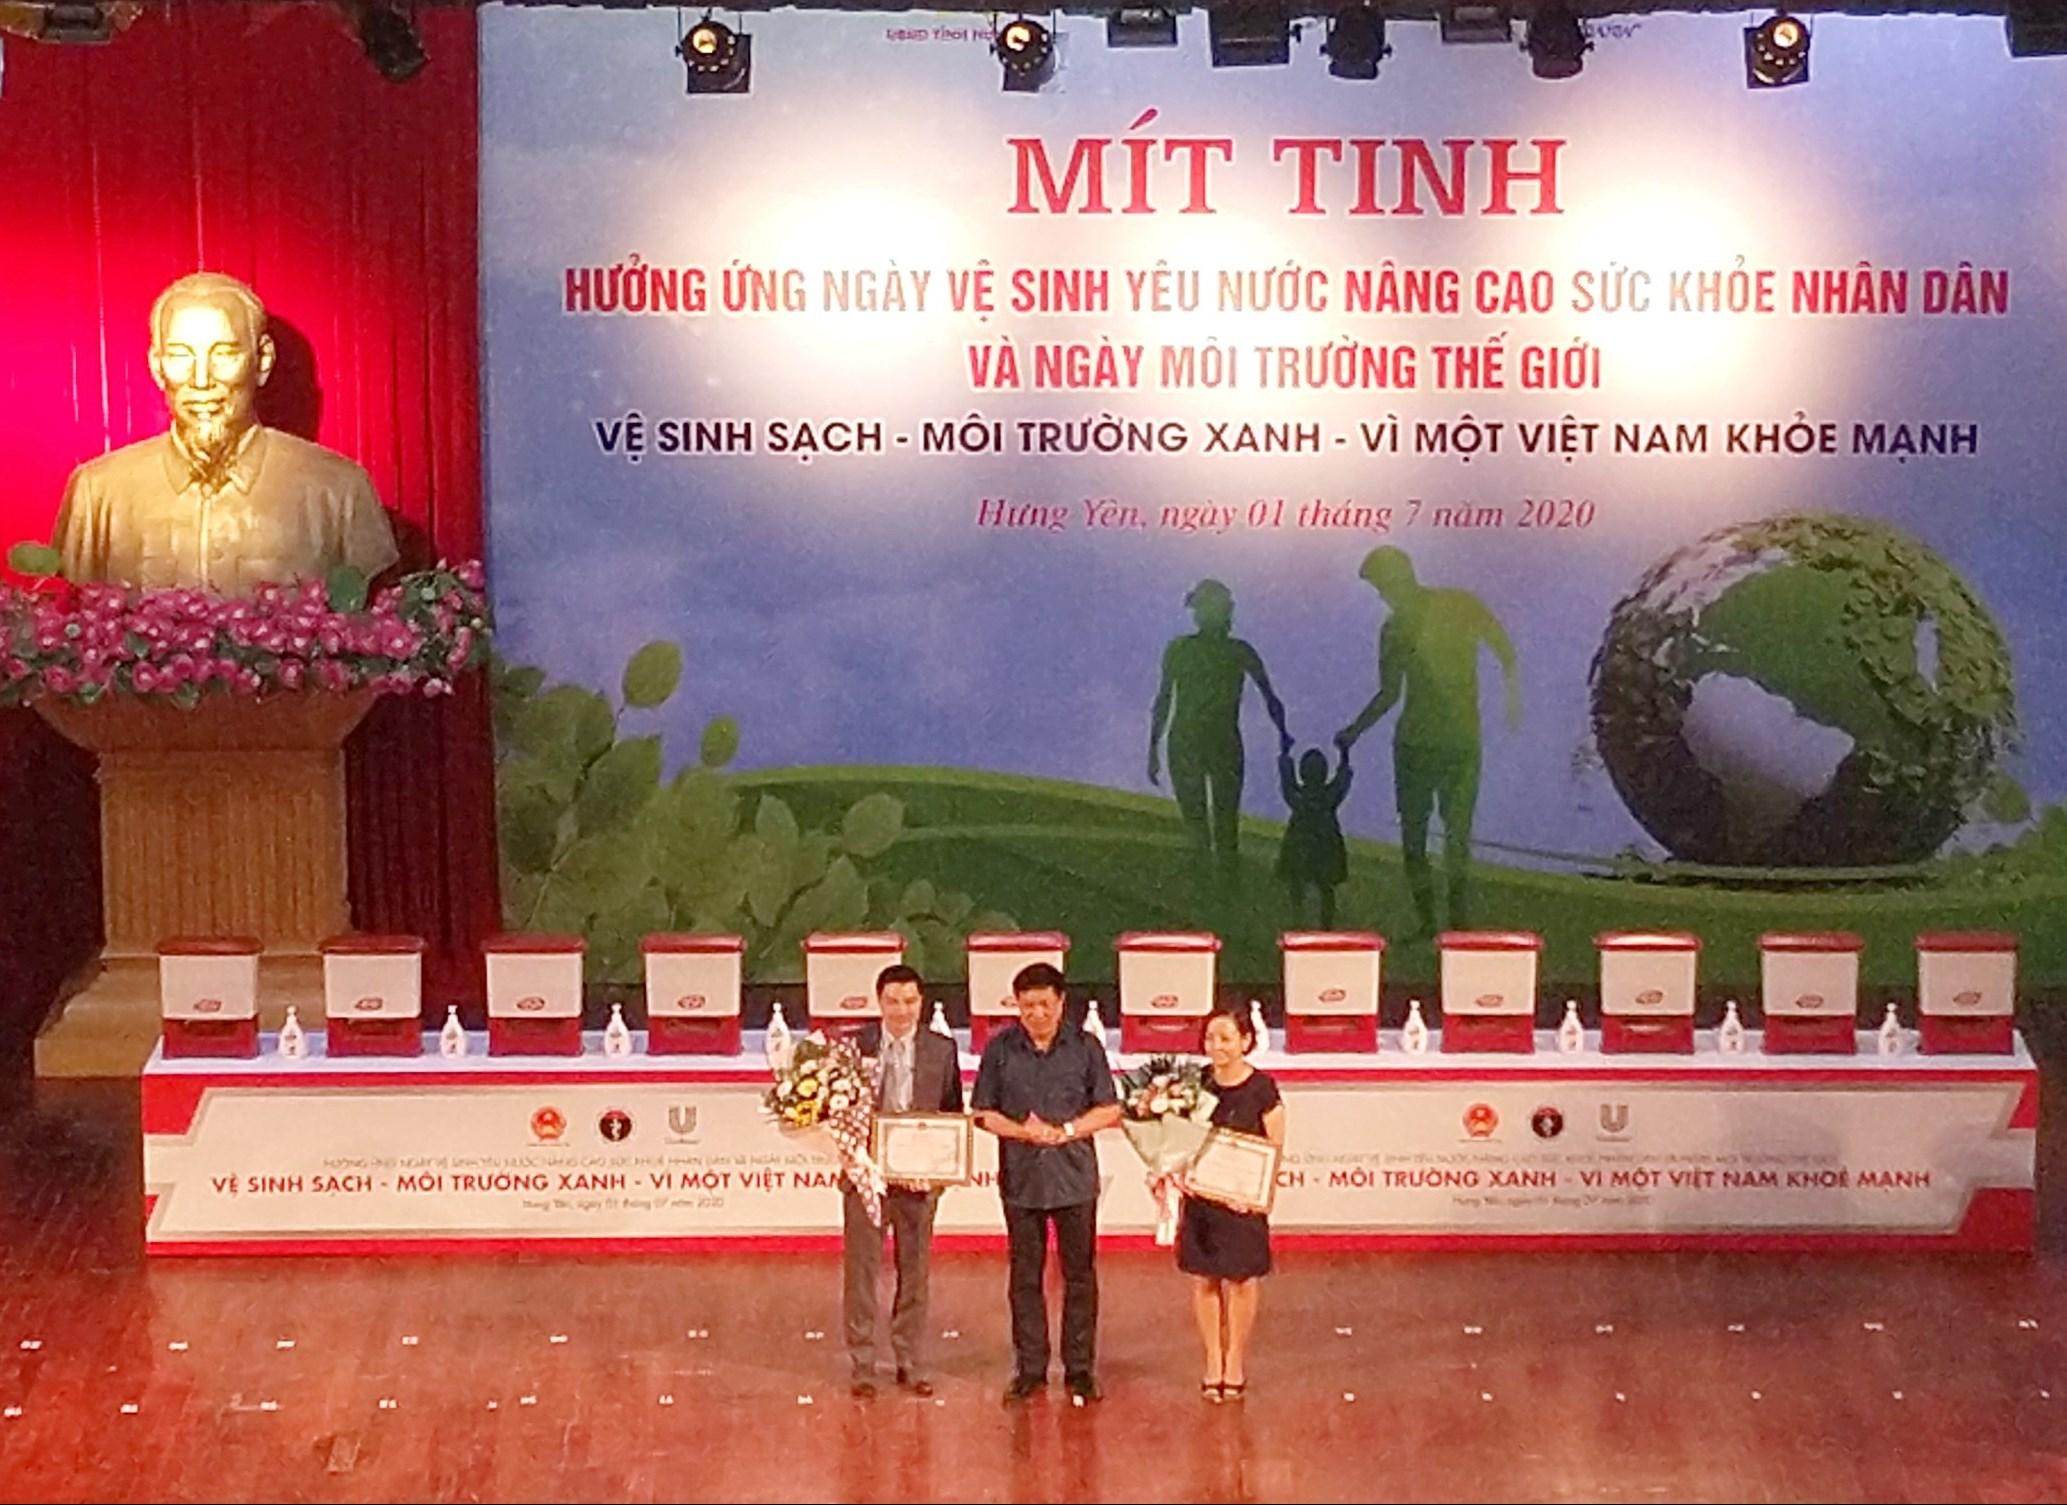 Thứ trưởng Bộ Y tế Đỗ Xuân Tuyên trao Bằng khen cho các tổ chức, cá nhân tại Lễ mít tinh